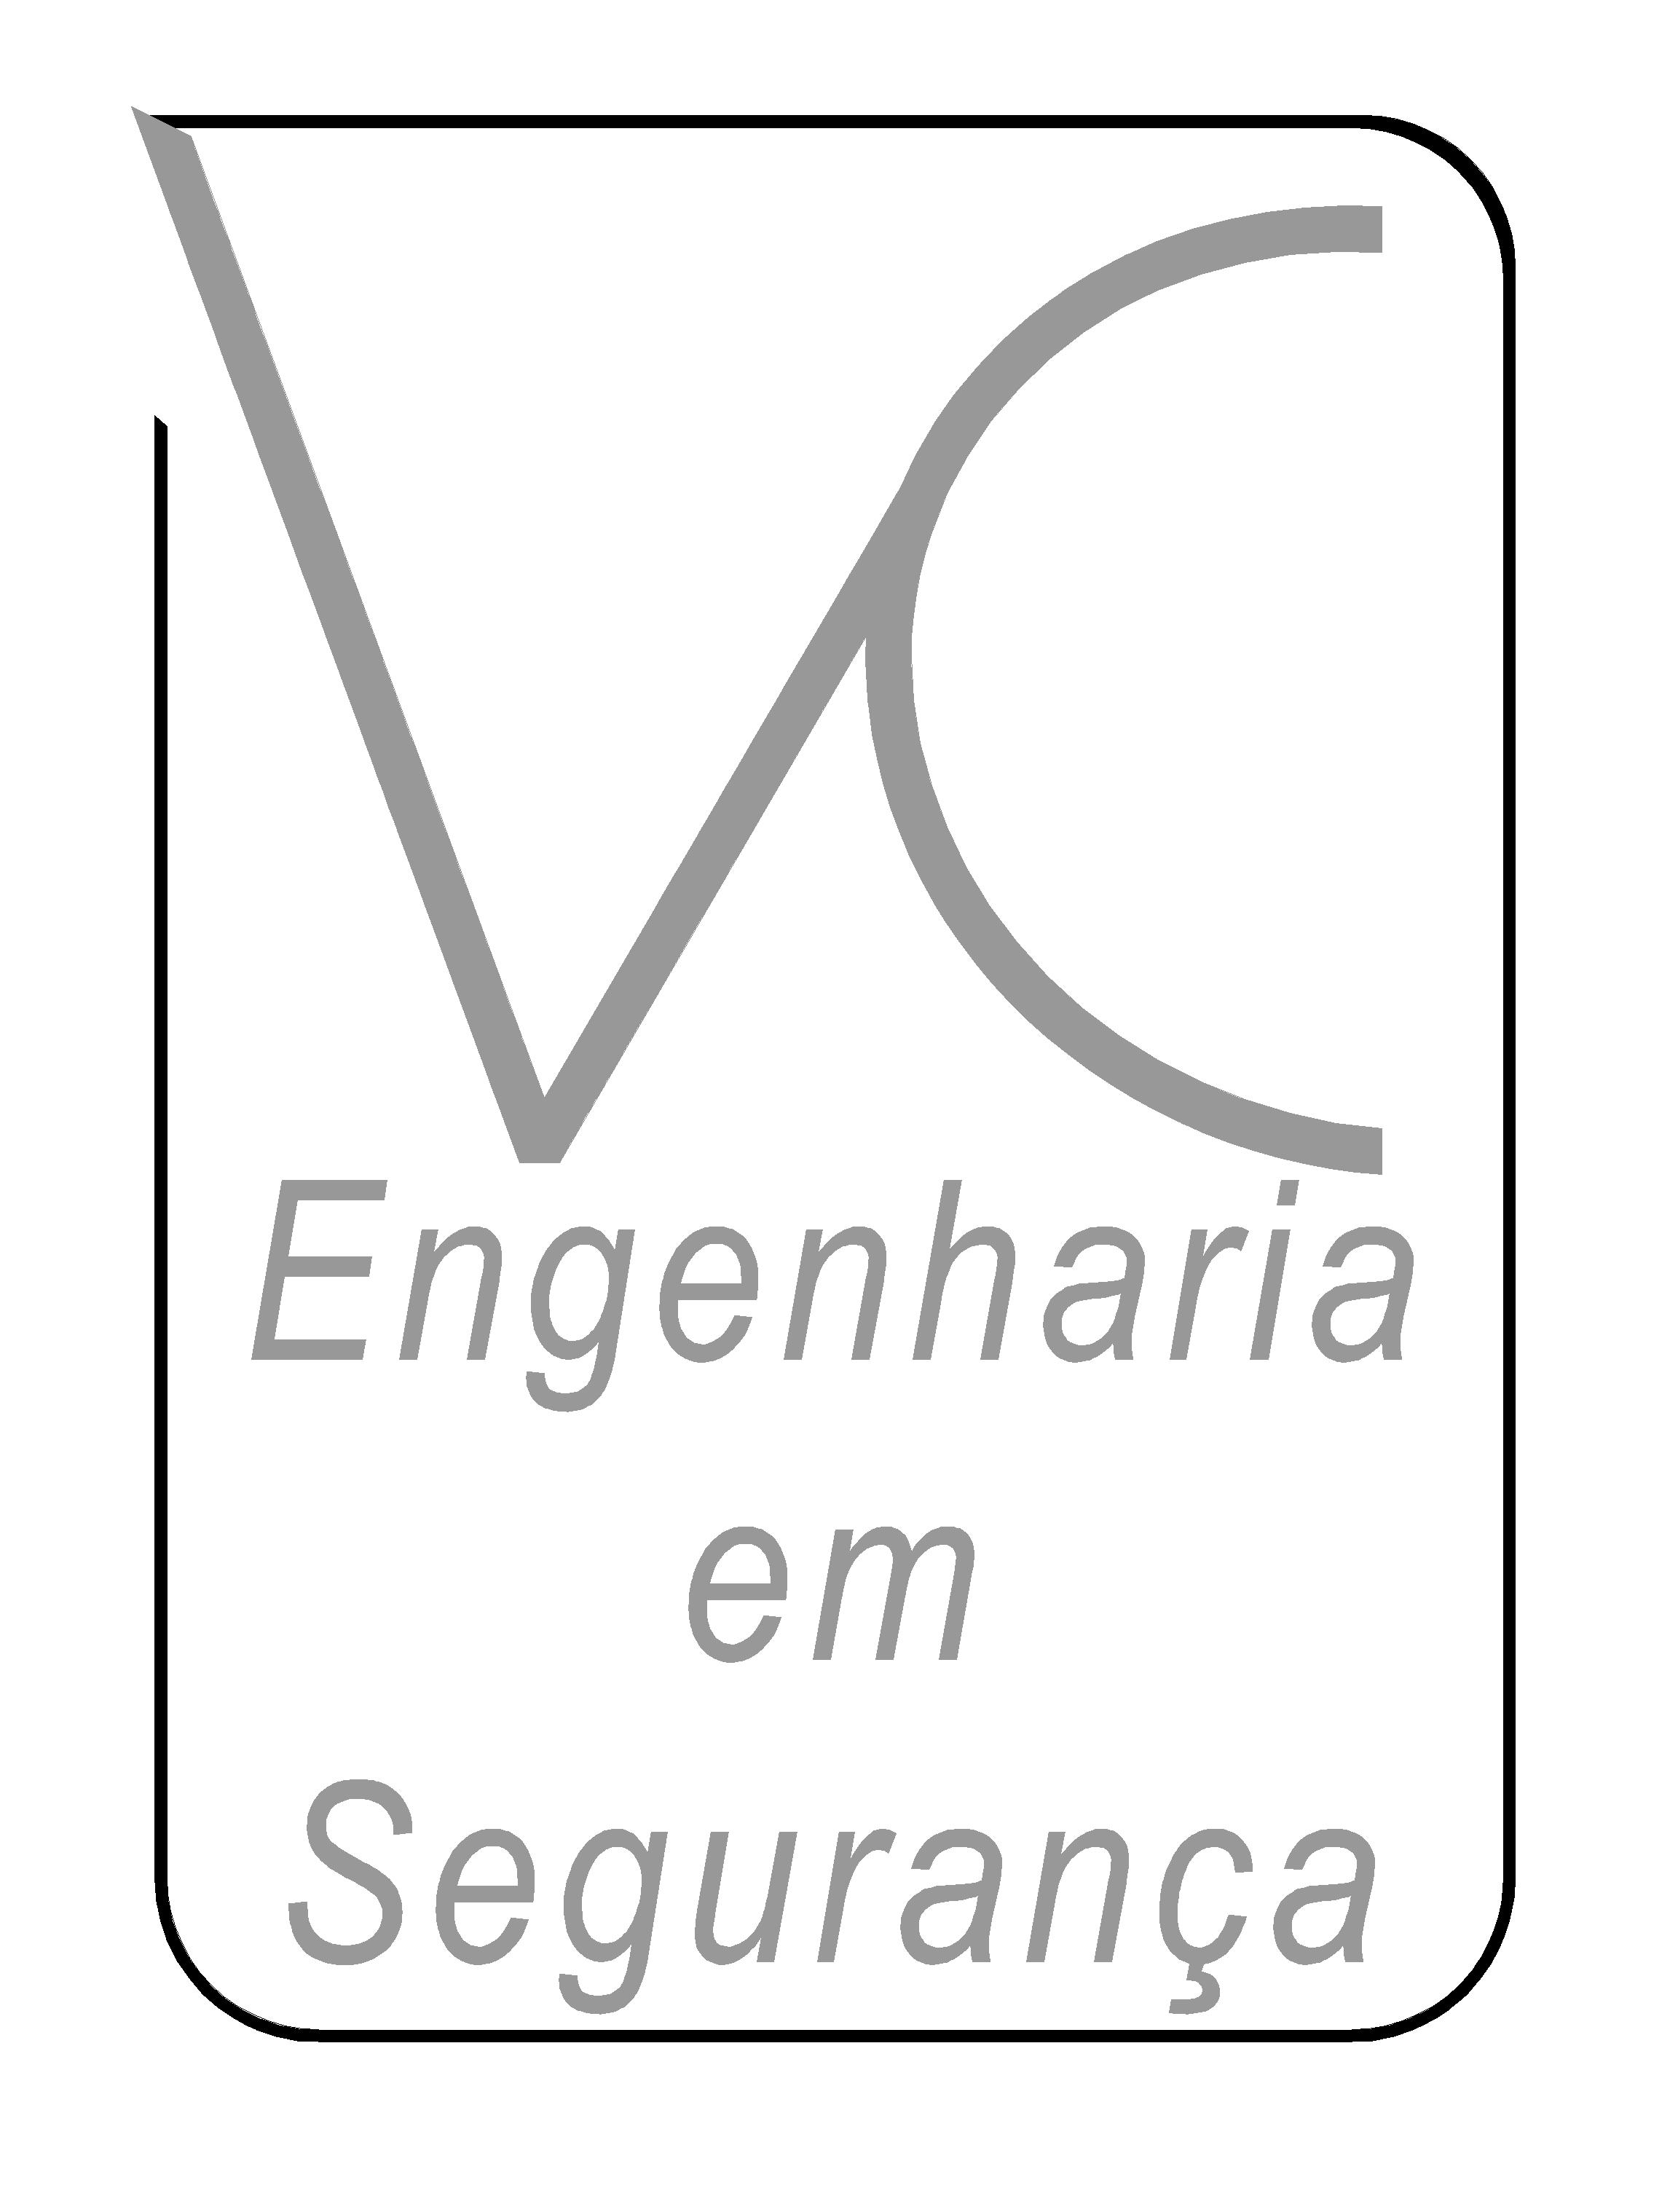 Vc - Engenharia Em Segurança